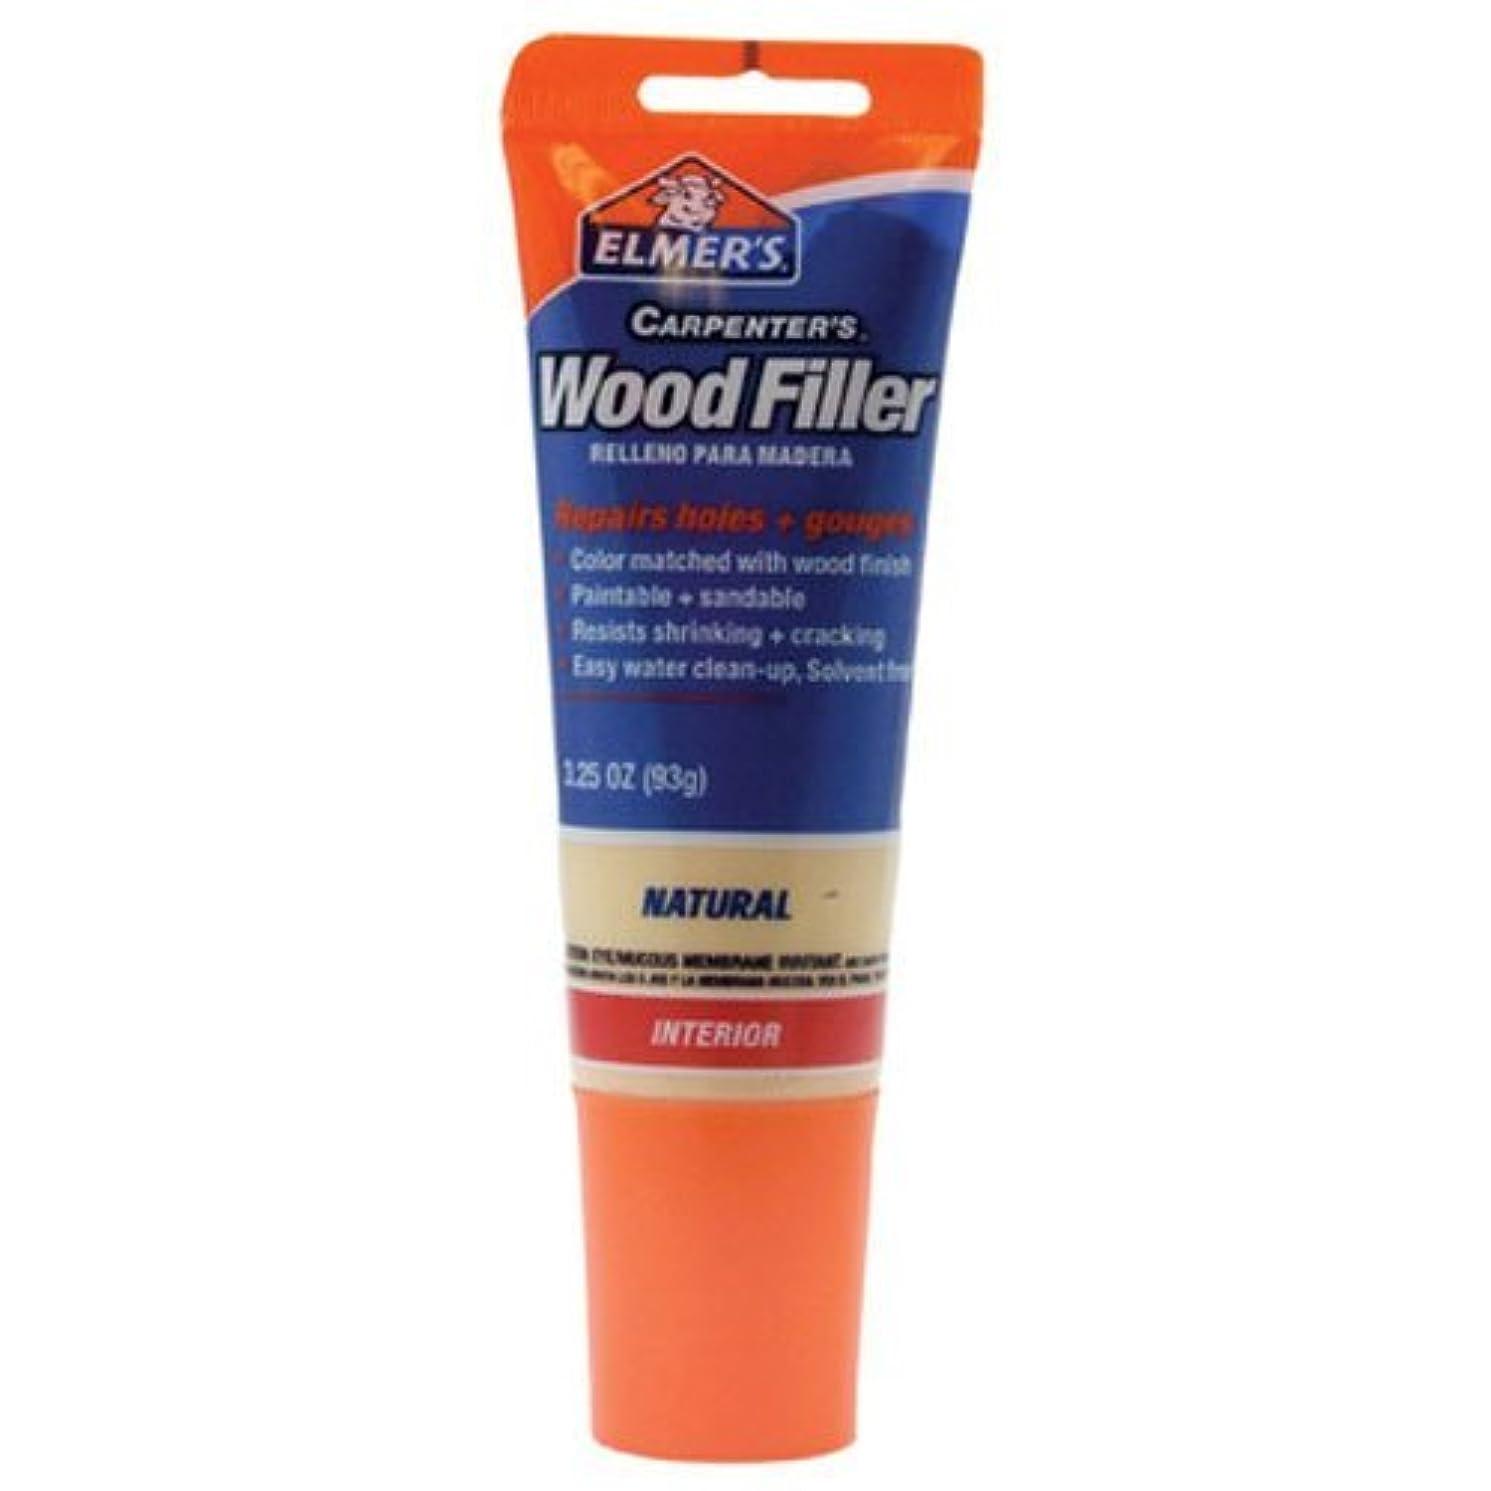 Elmer's E868 Carpenter's Wood Filler, 3.25-Ounce Tube, Natural - 2 Pack